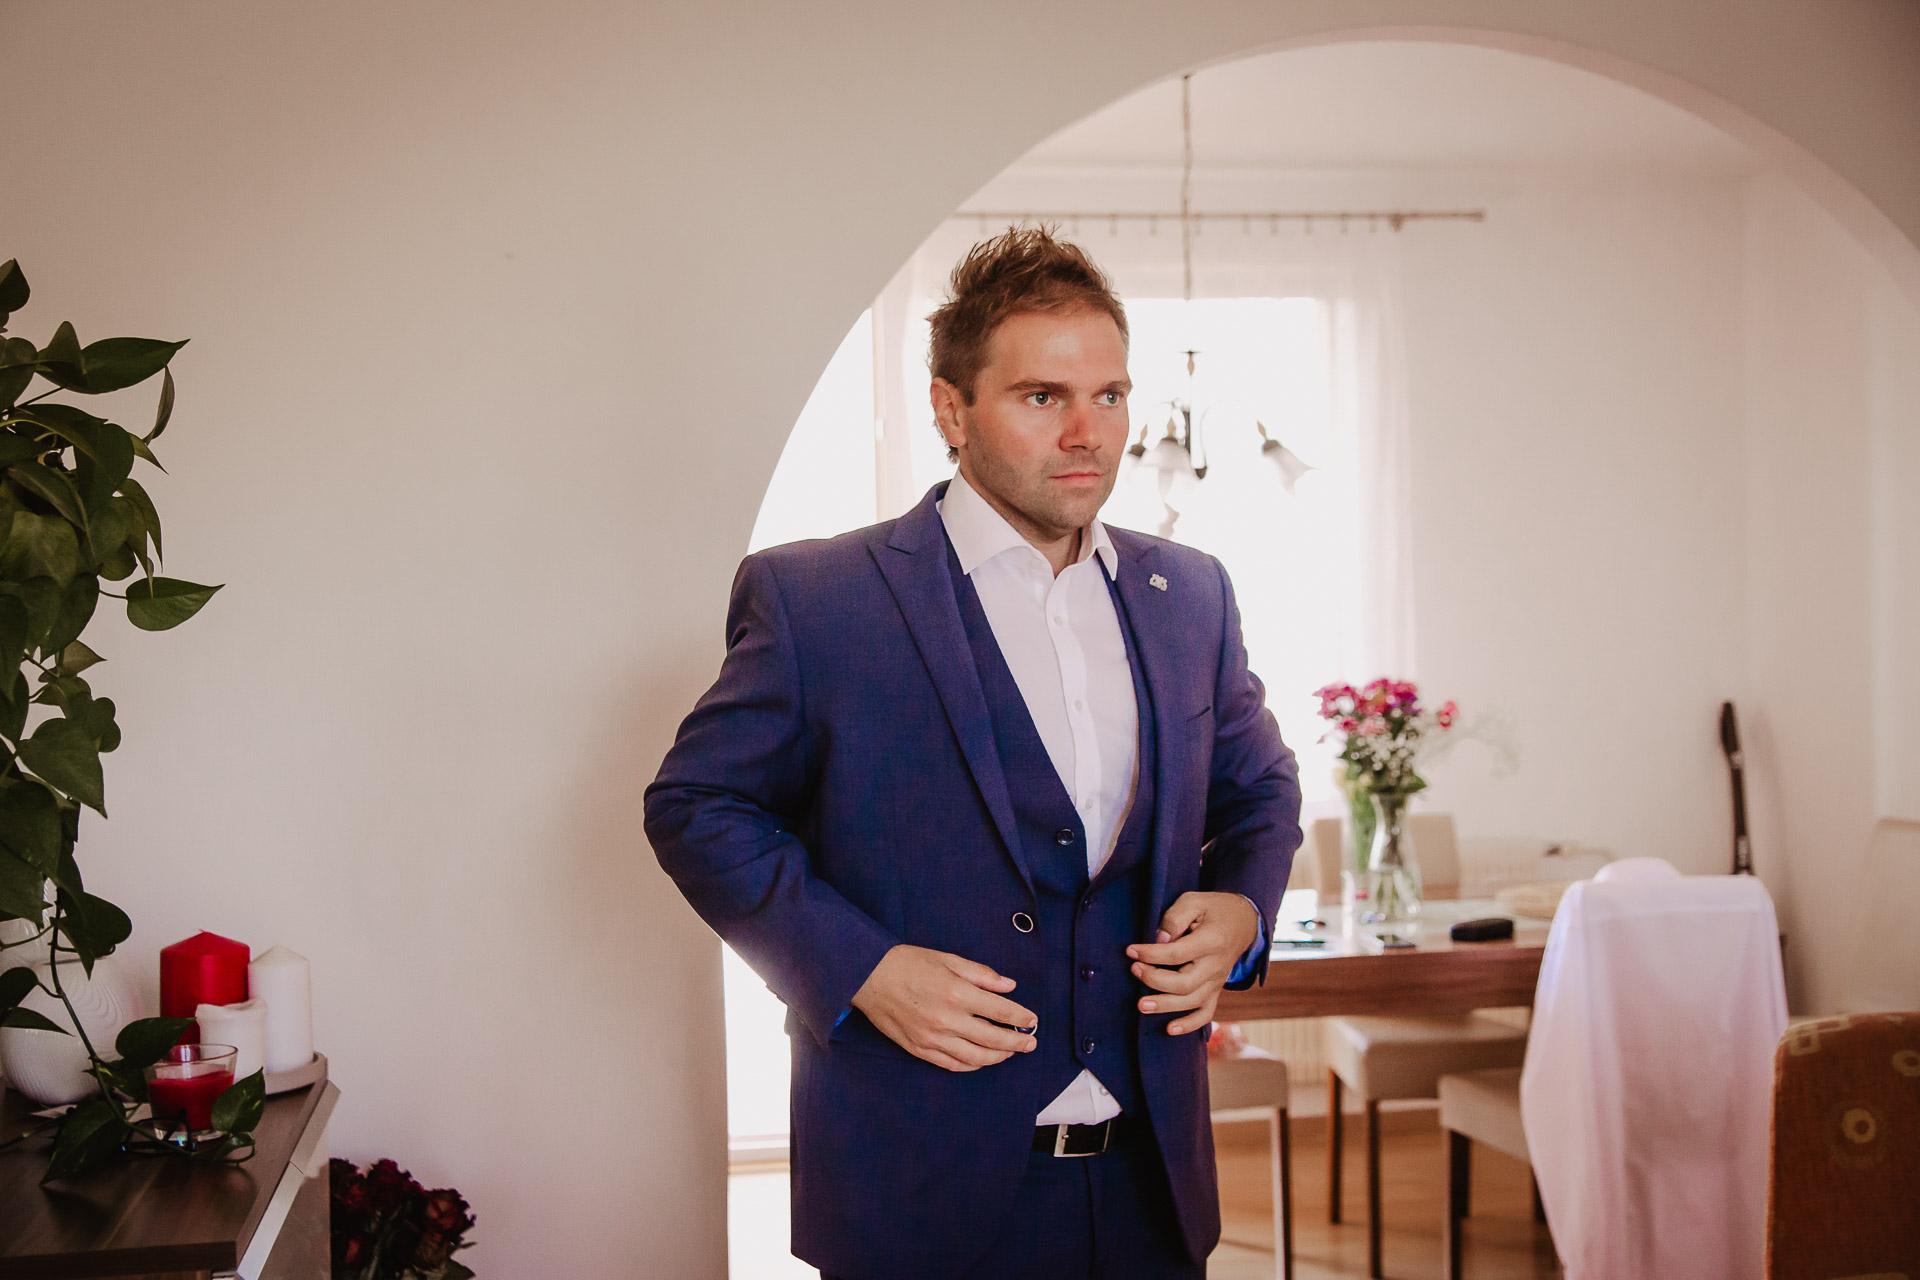 svatební-fotografie-Říp-svatební-video-ŘÍP-svatební-fotograf-ŘÍP-svatba-Mělník-svatba-Neratovice-fotograf-na-savtbu-kameraman-na-svatbu-6